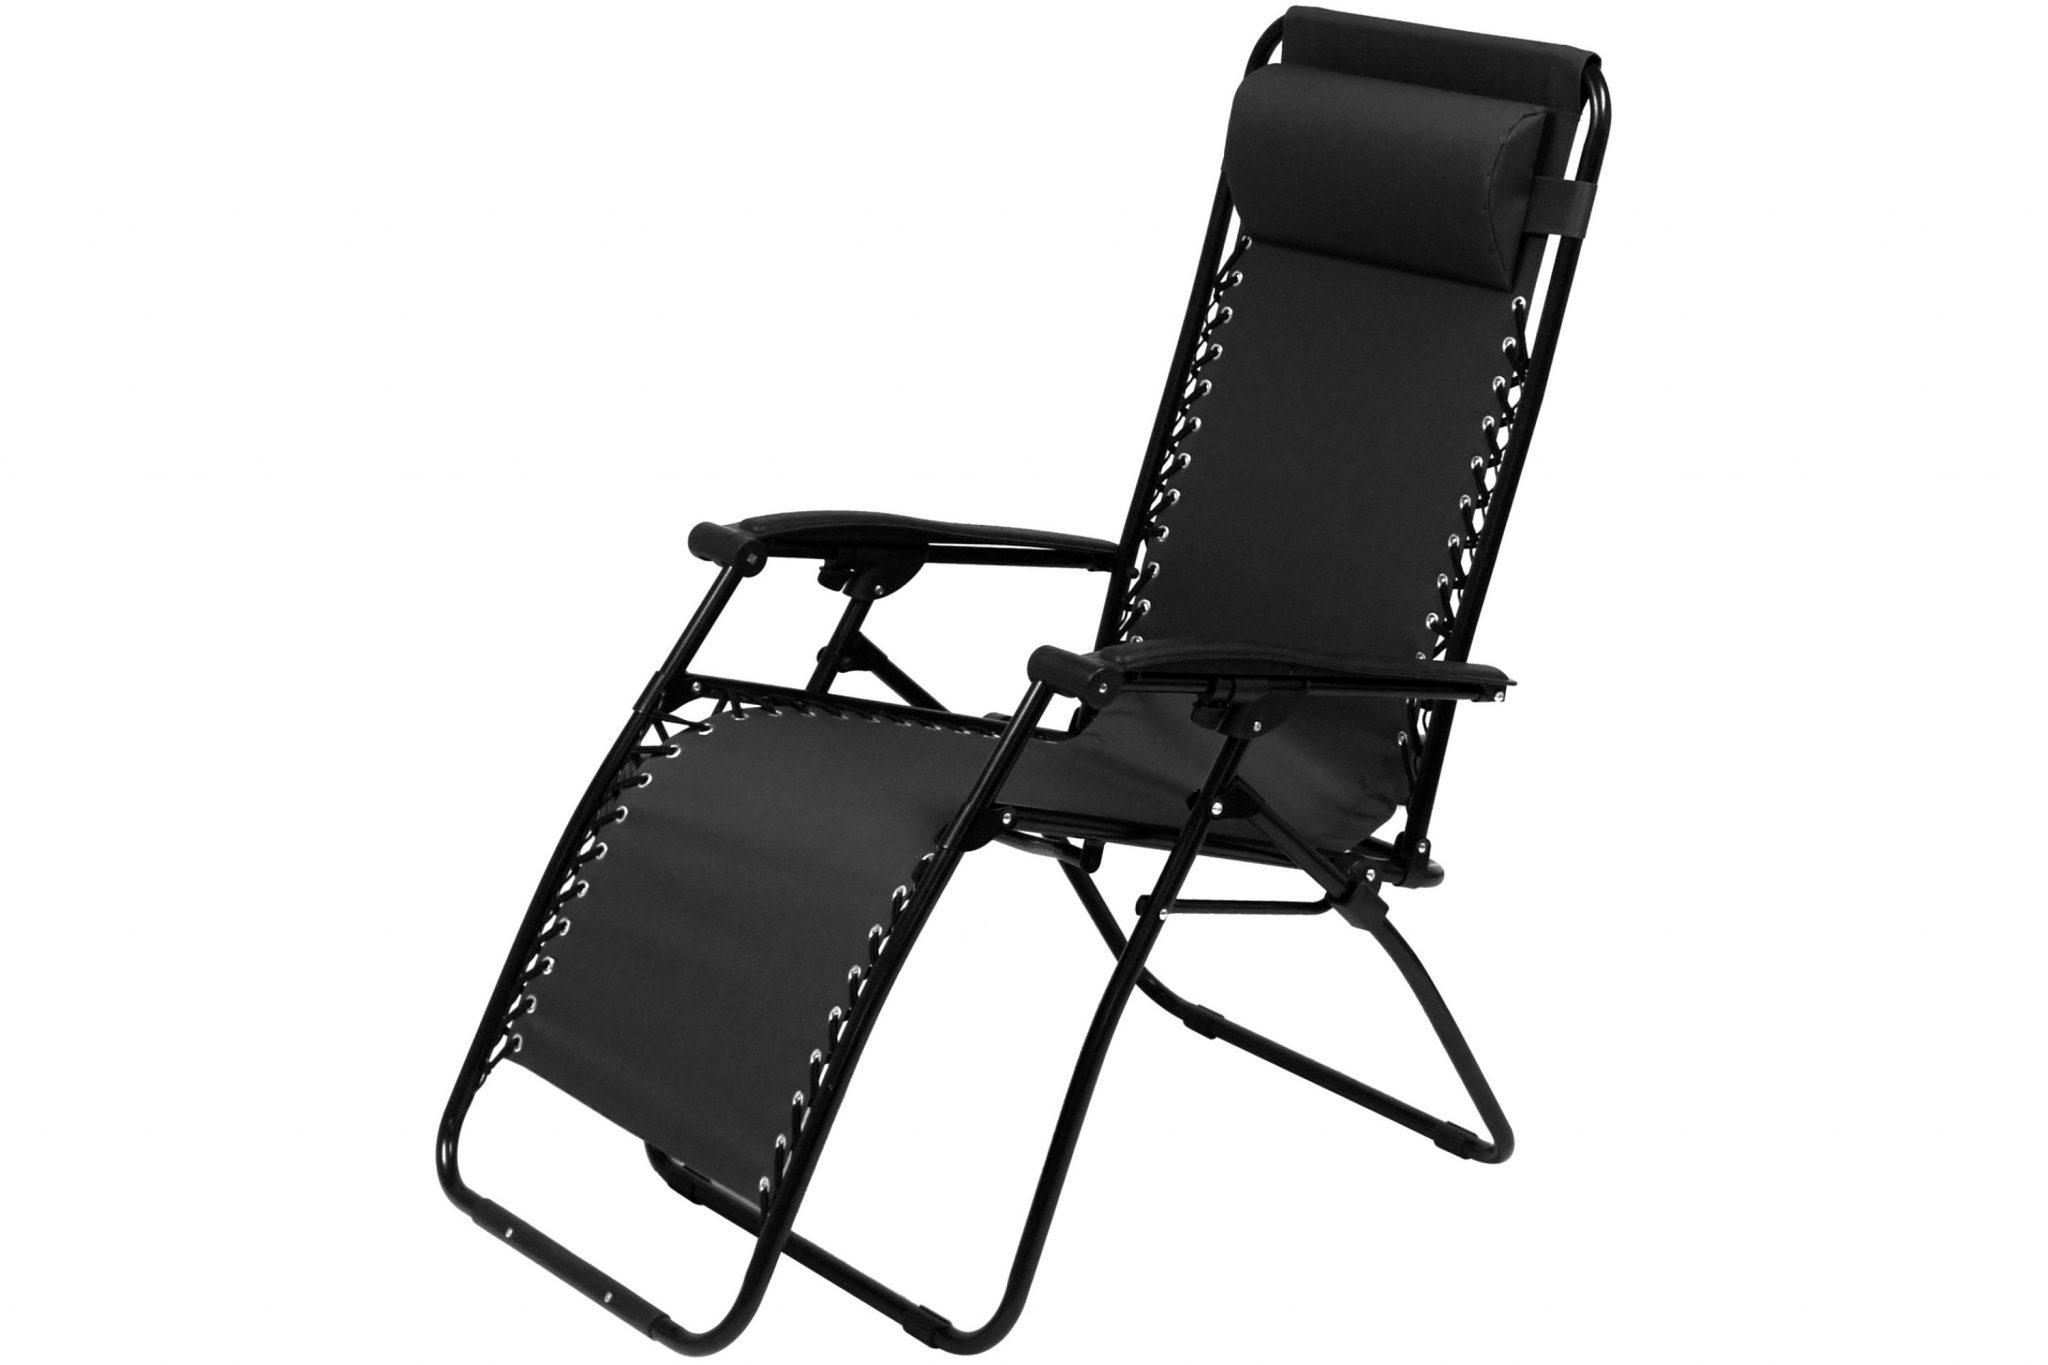 campingstol med regulerbar rygg